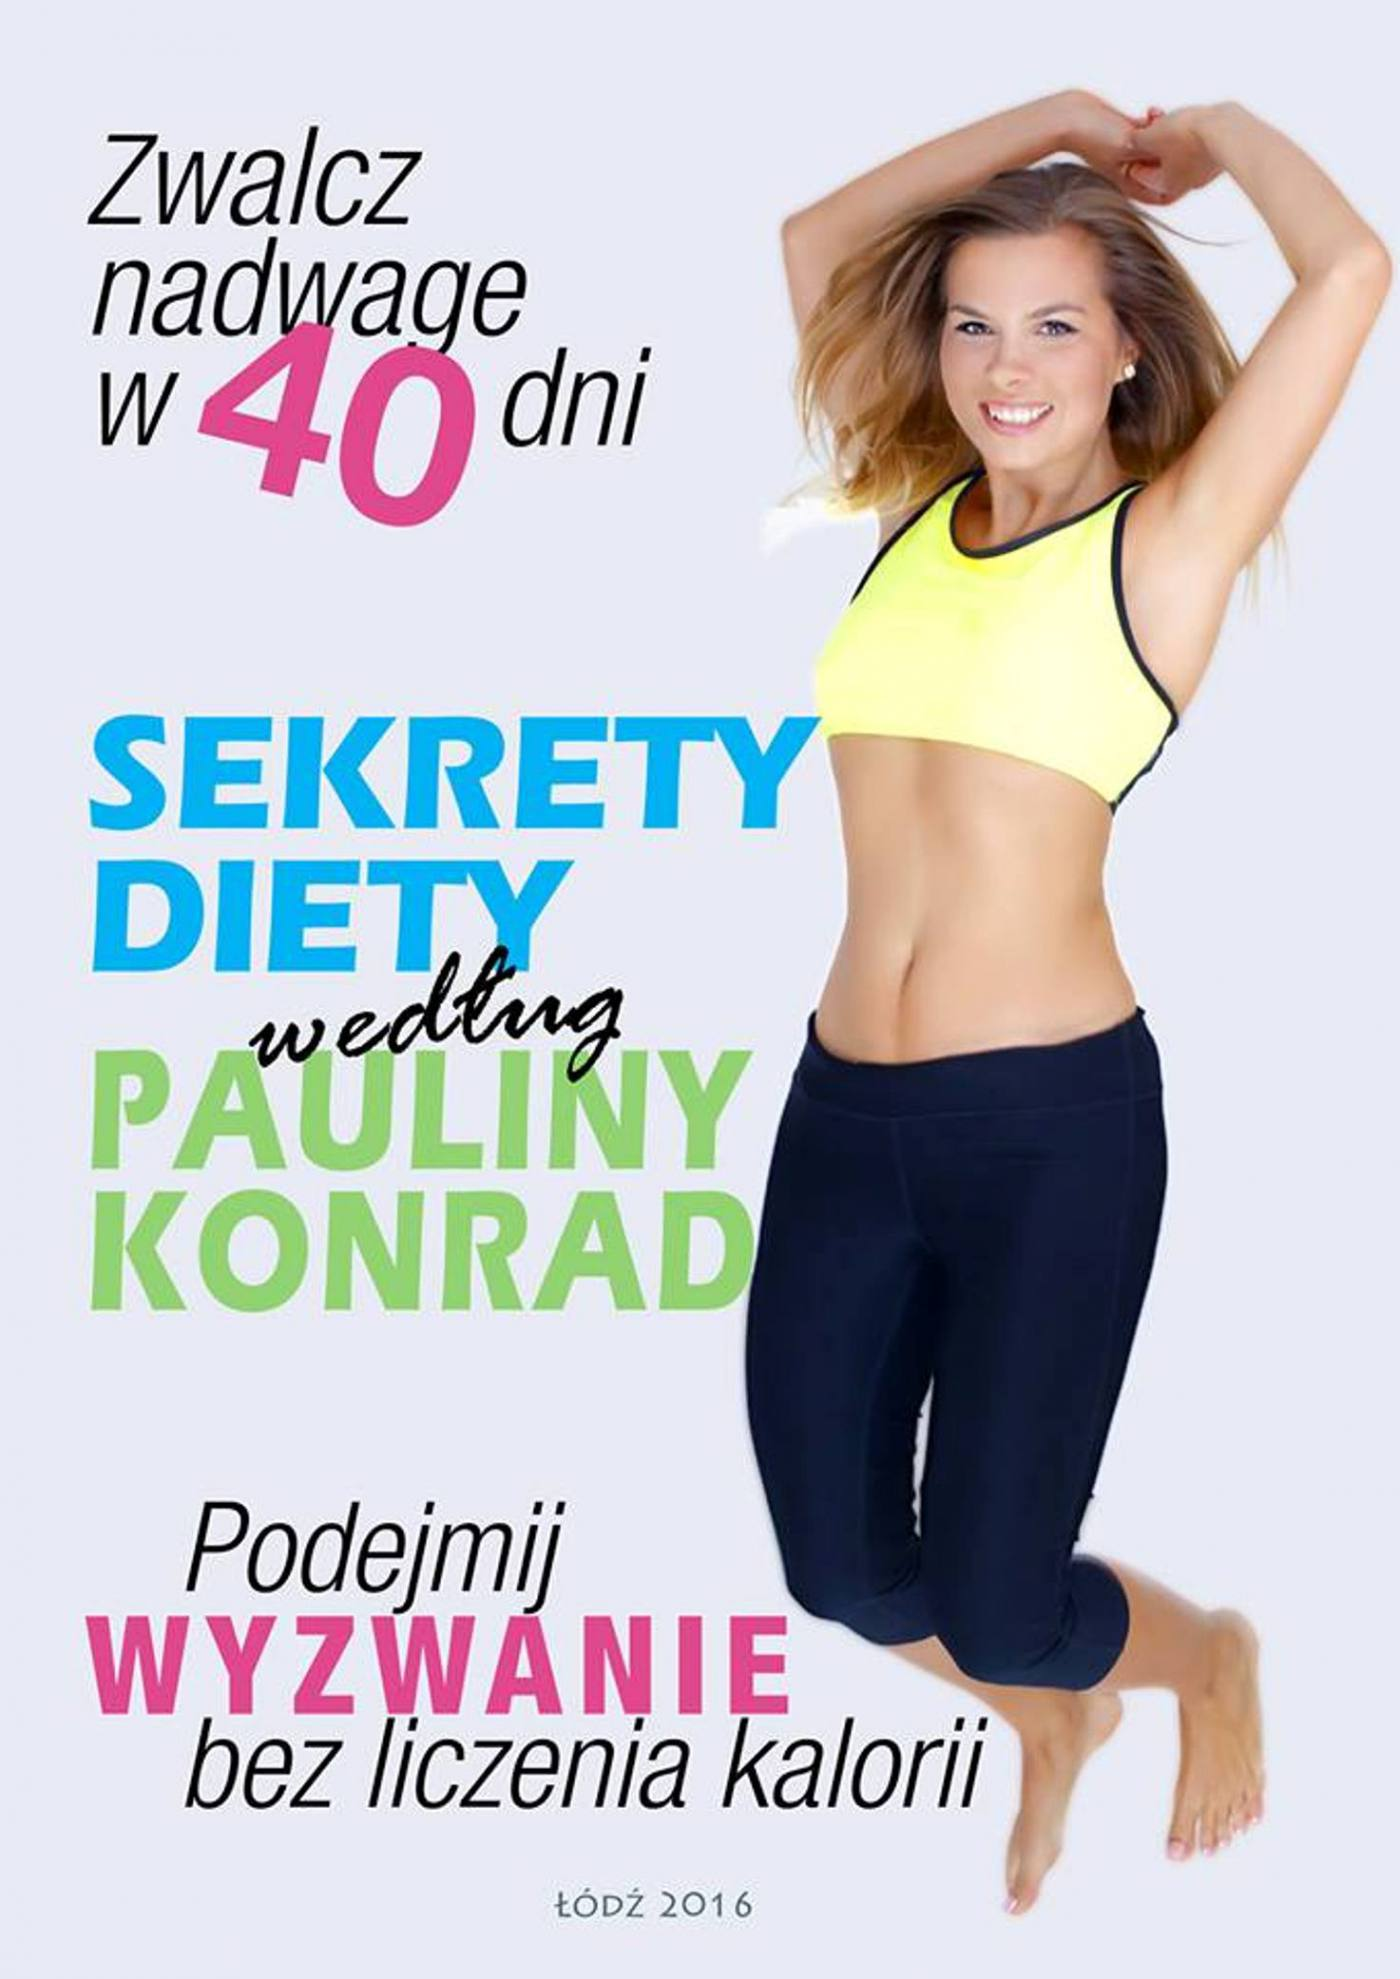 Sekrety diety według Pauliny Konrad - Ebook (Książka EPUB) do pobrania w formacie EPUB